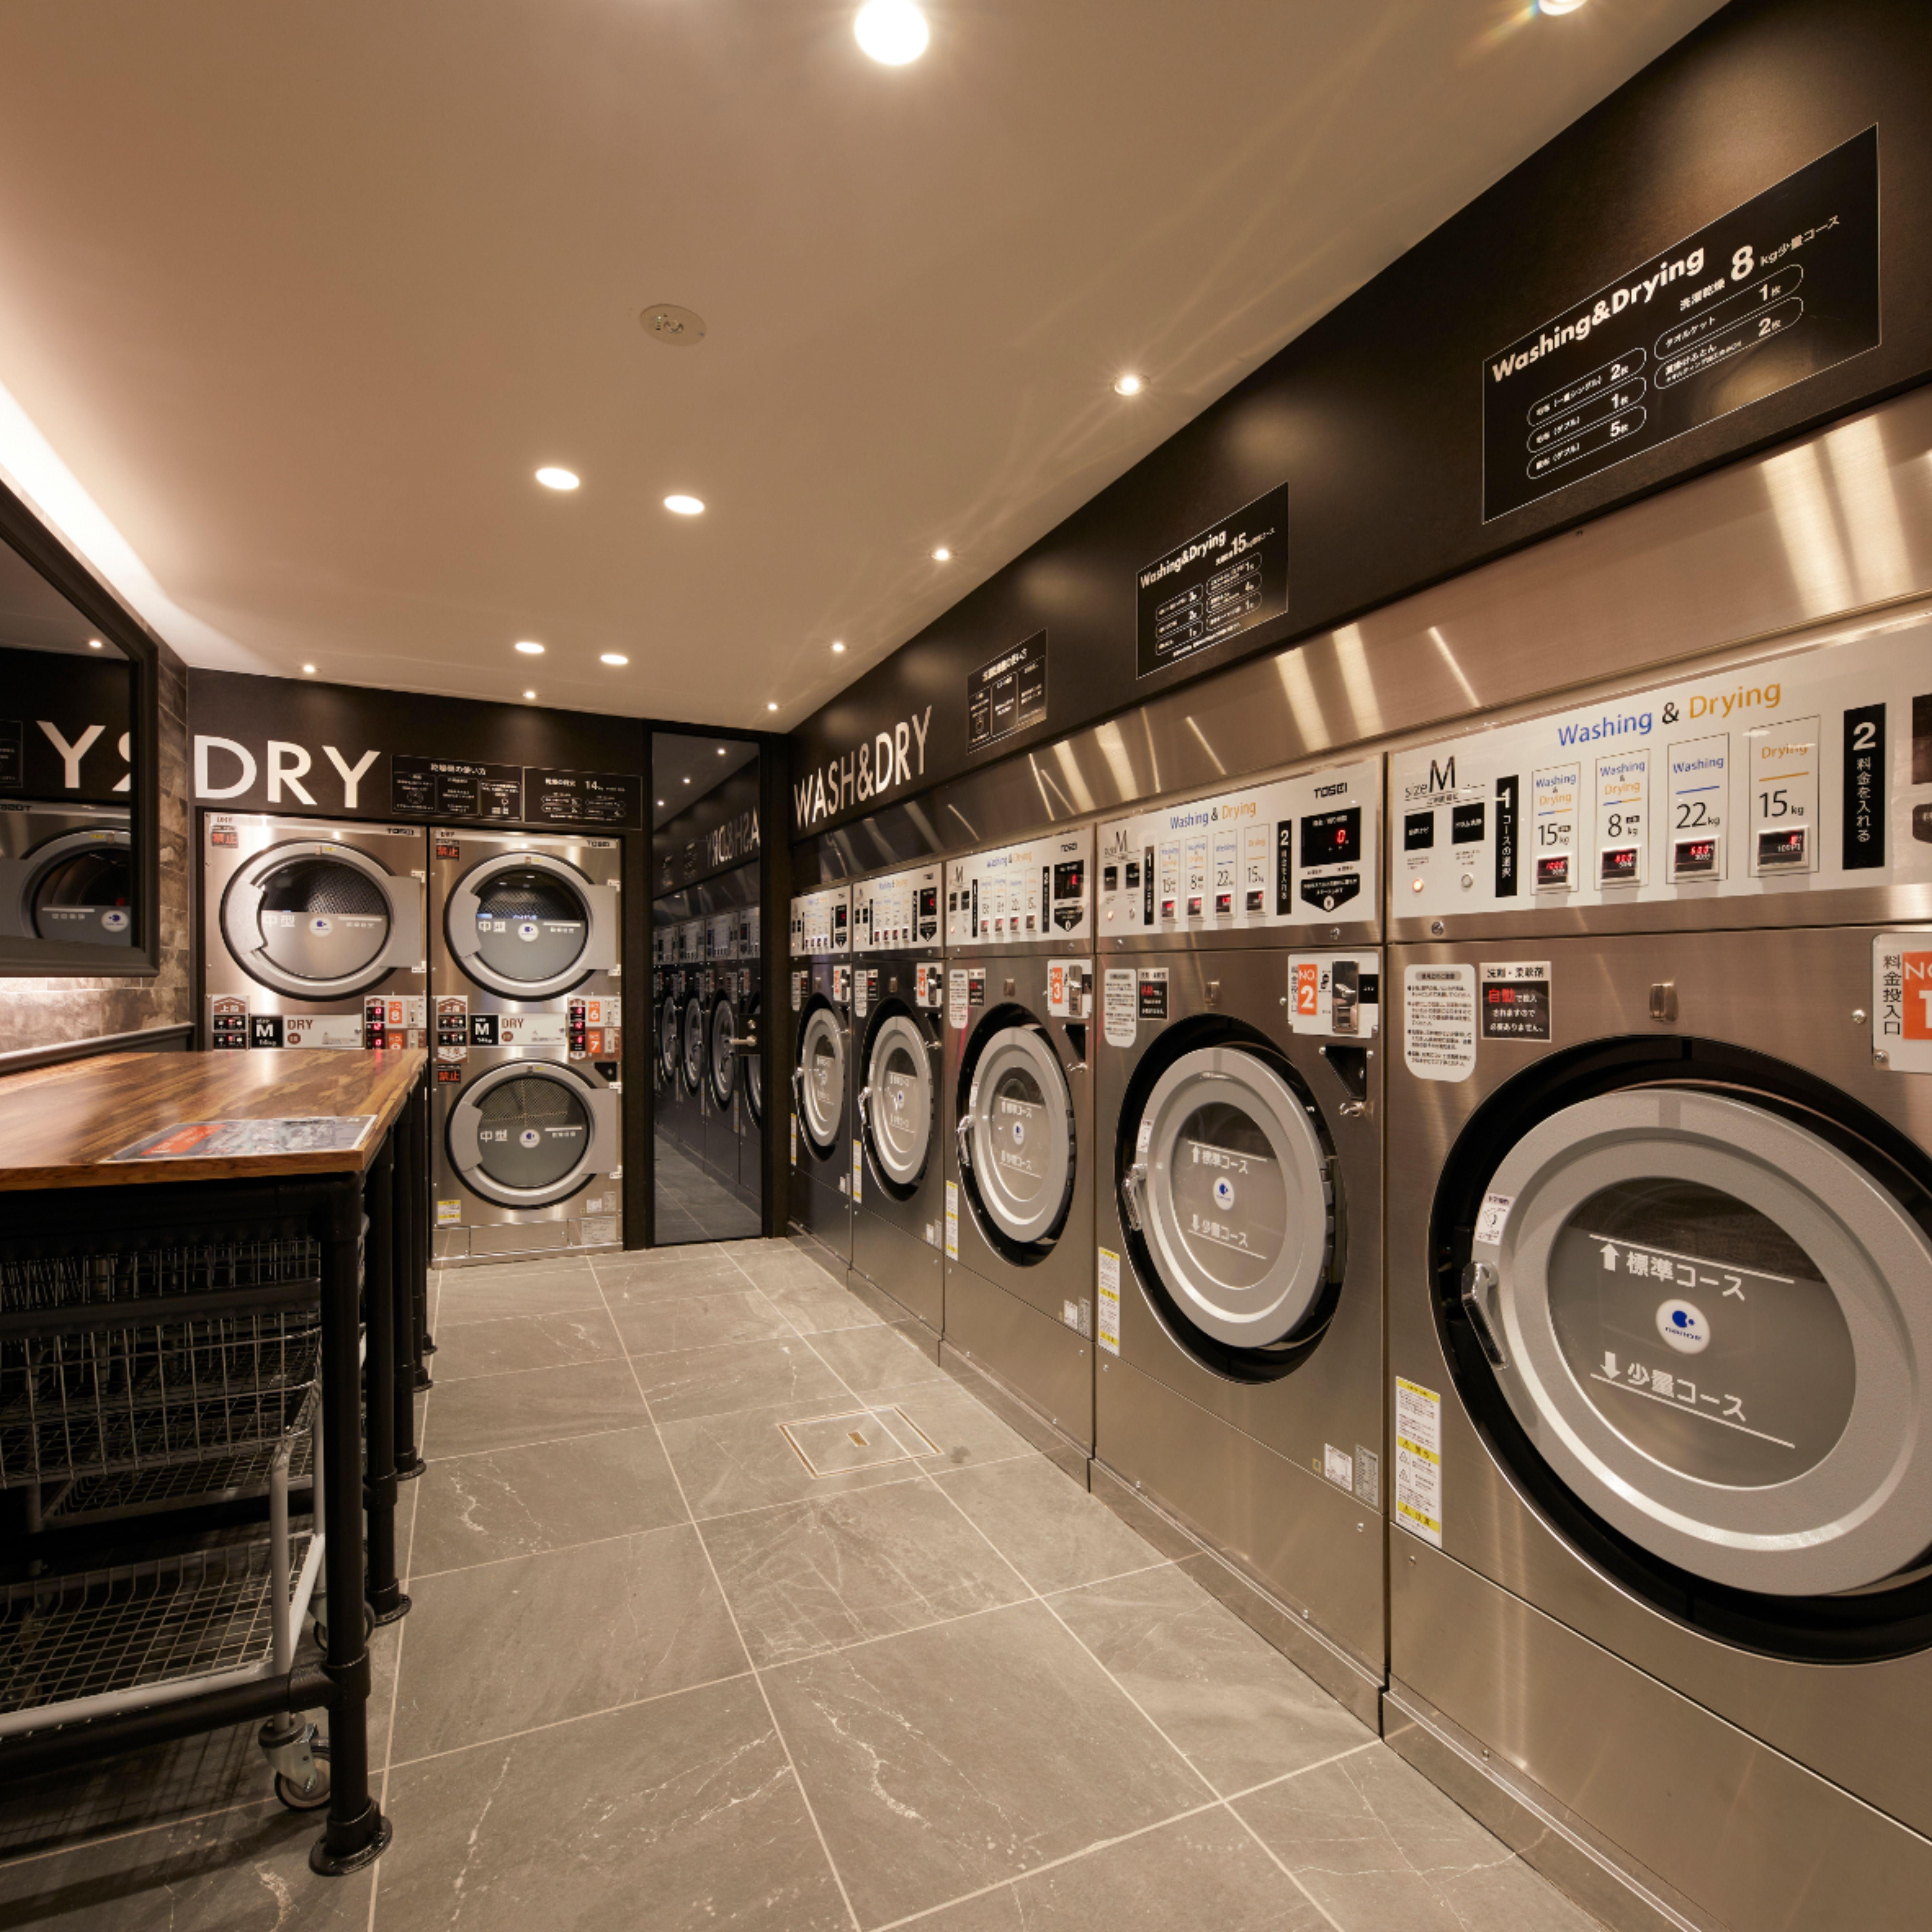 ボード コインランドリー デザイン Laundromat Design のピン